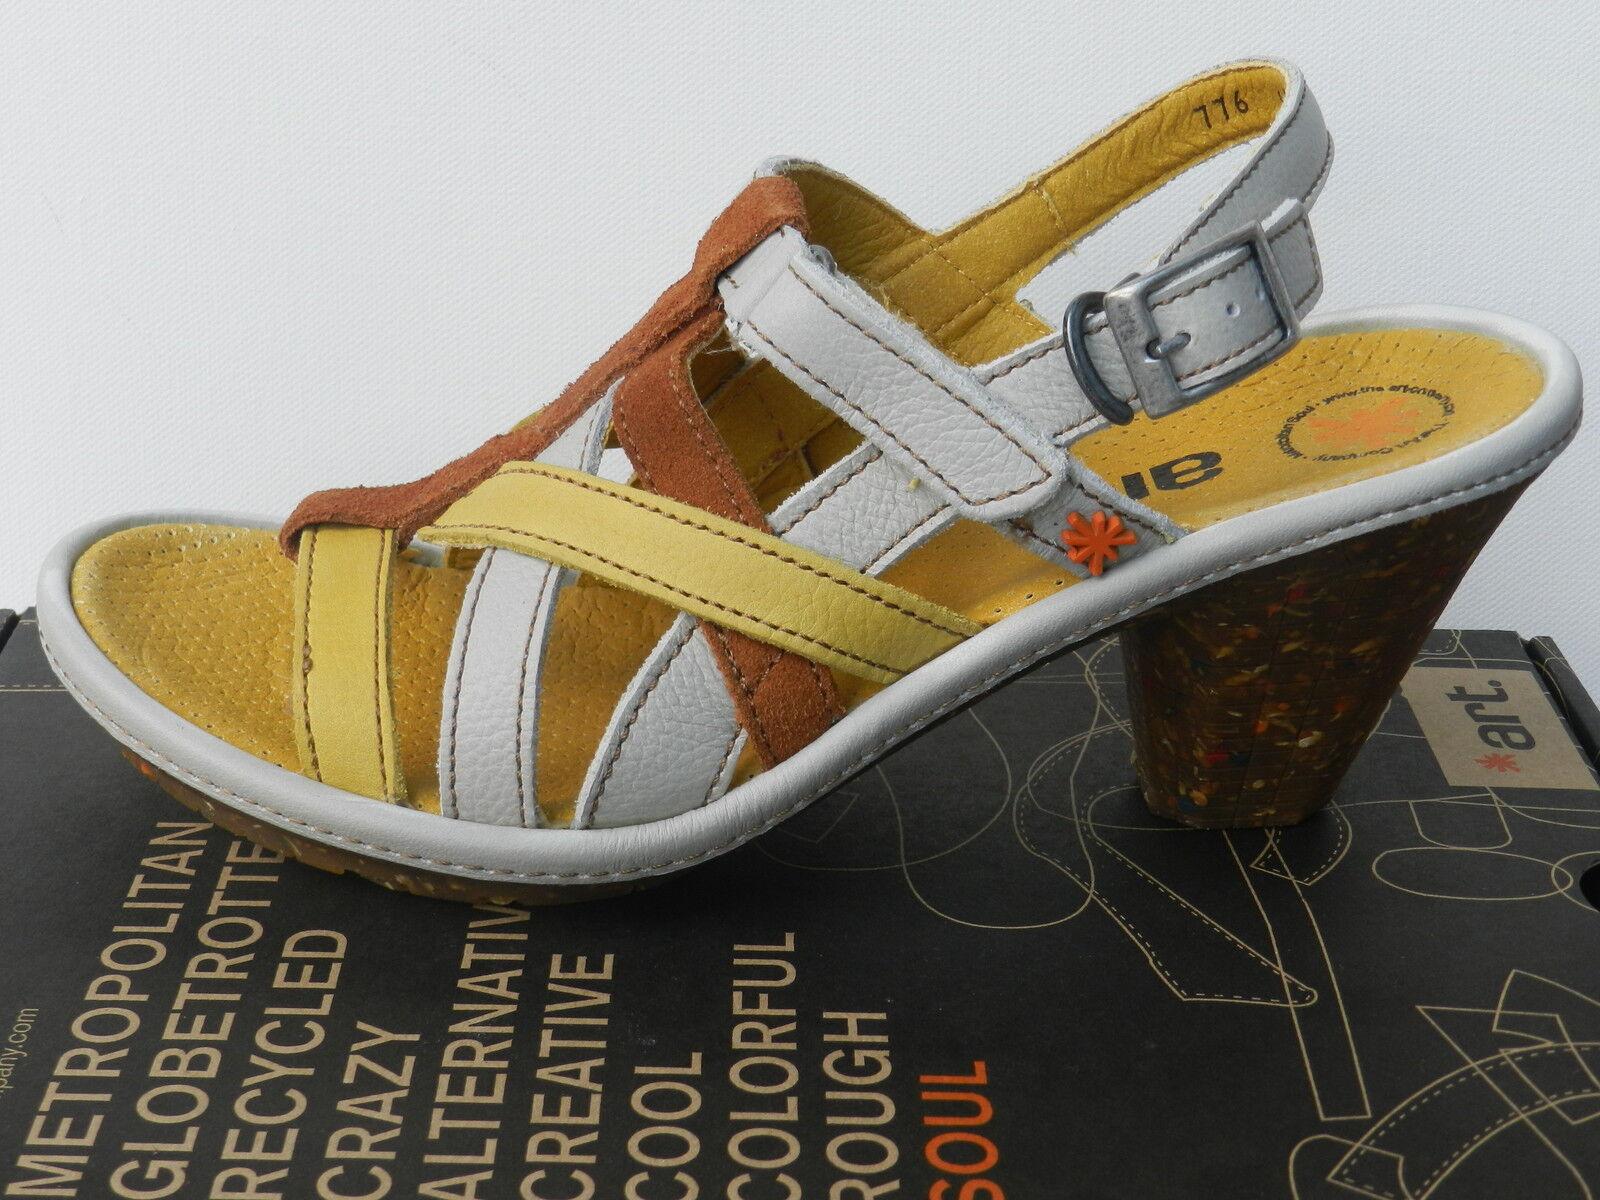 Art St Honoré shoes Femme 40 Sandales 0776 Escarpins 776 Ballerines UK7 New